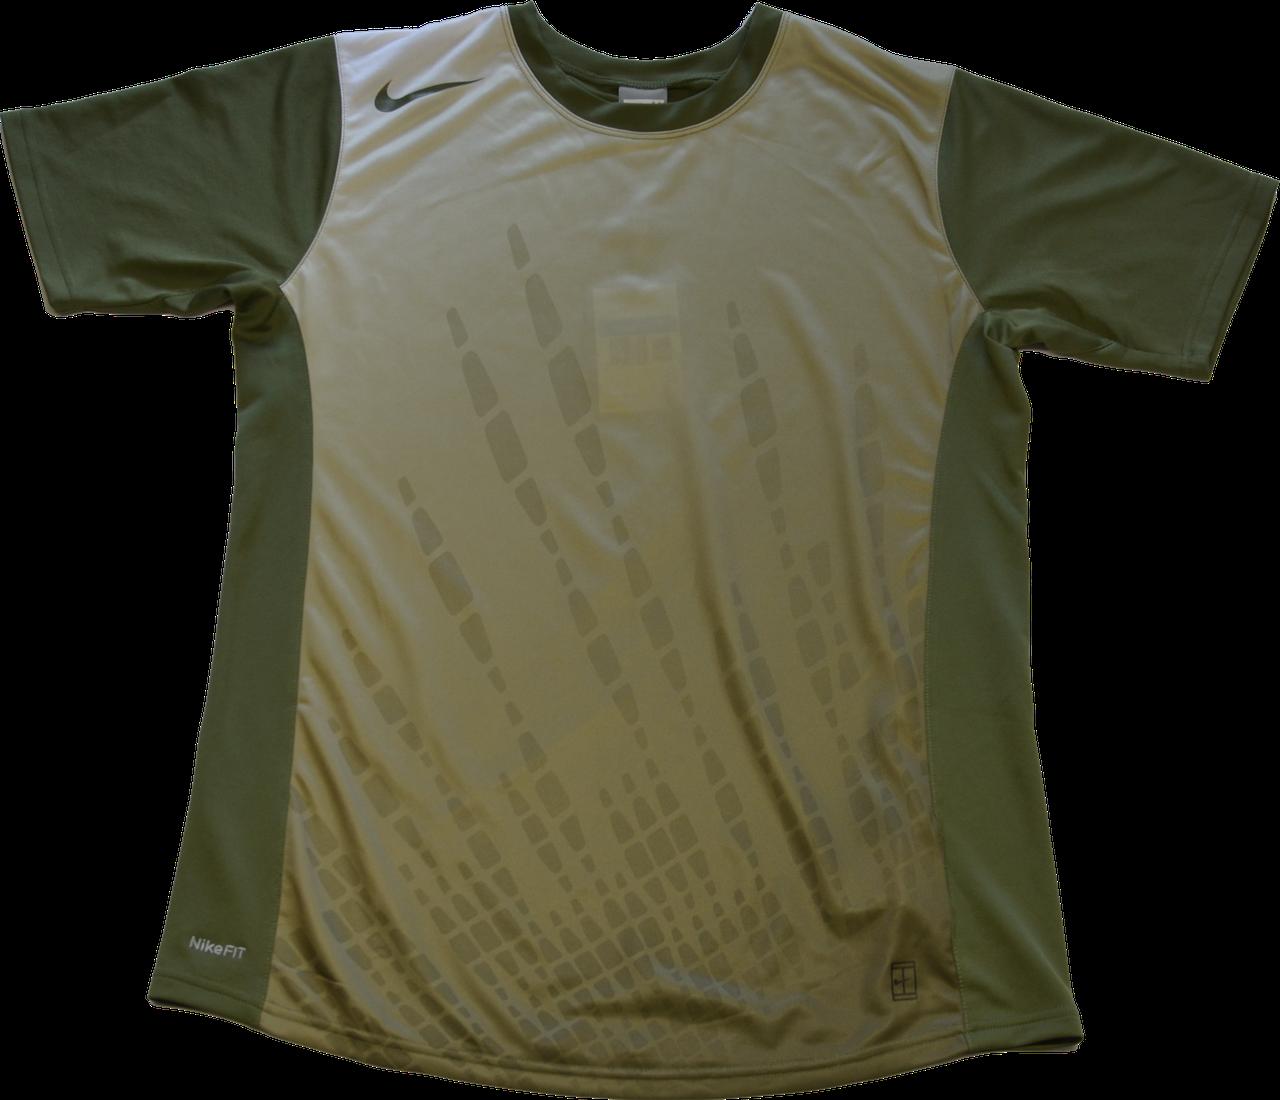 Мужская спортивная футболка Nike Fit.